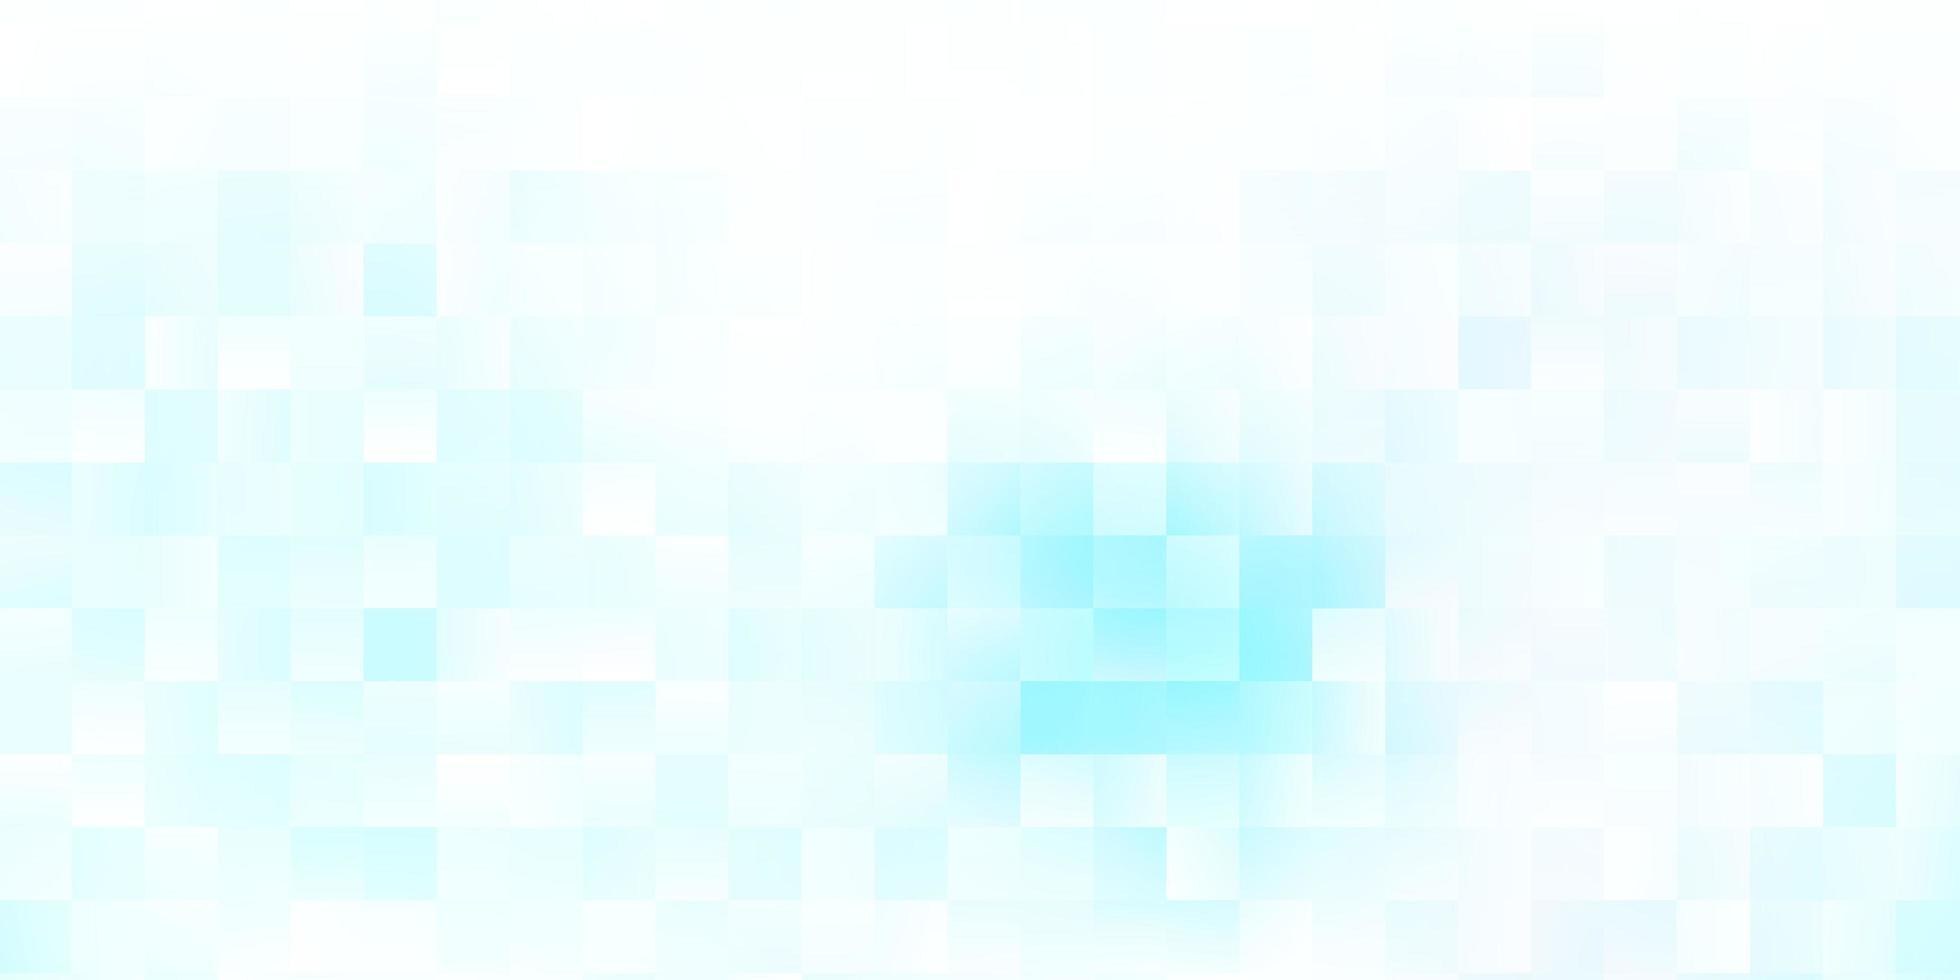 lichtpaarse vector sjabloon met abstracte vormen.